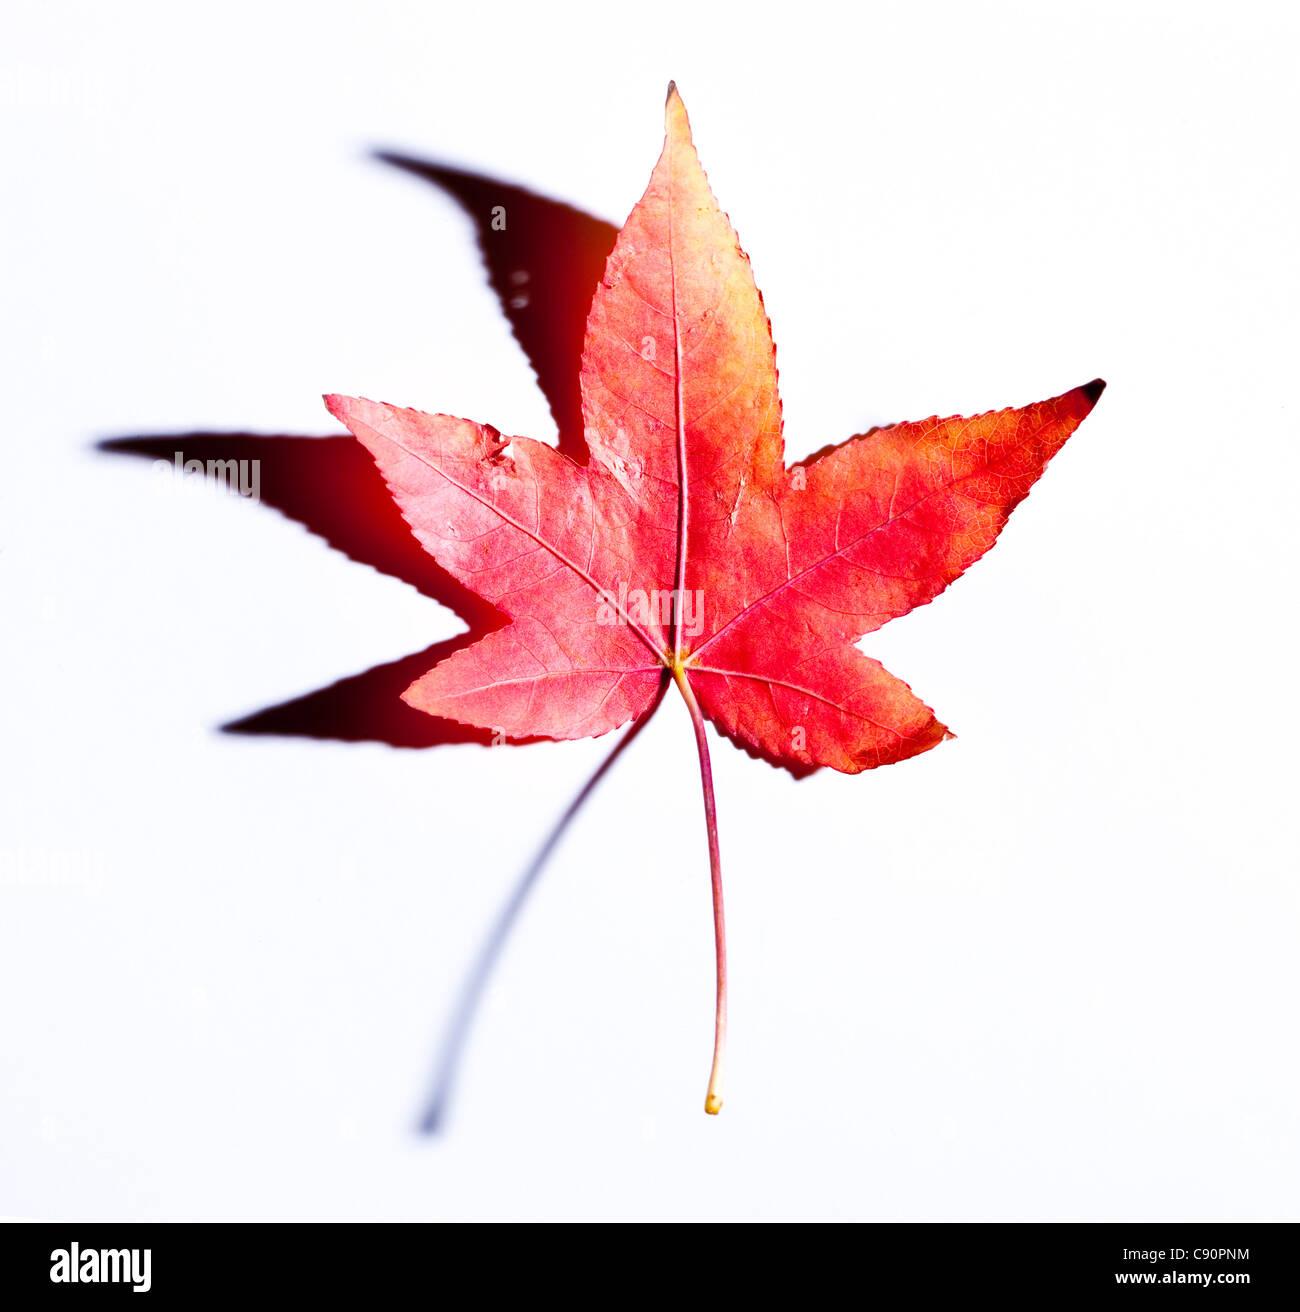 Red leaf, studio shot - Stock Image